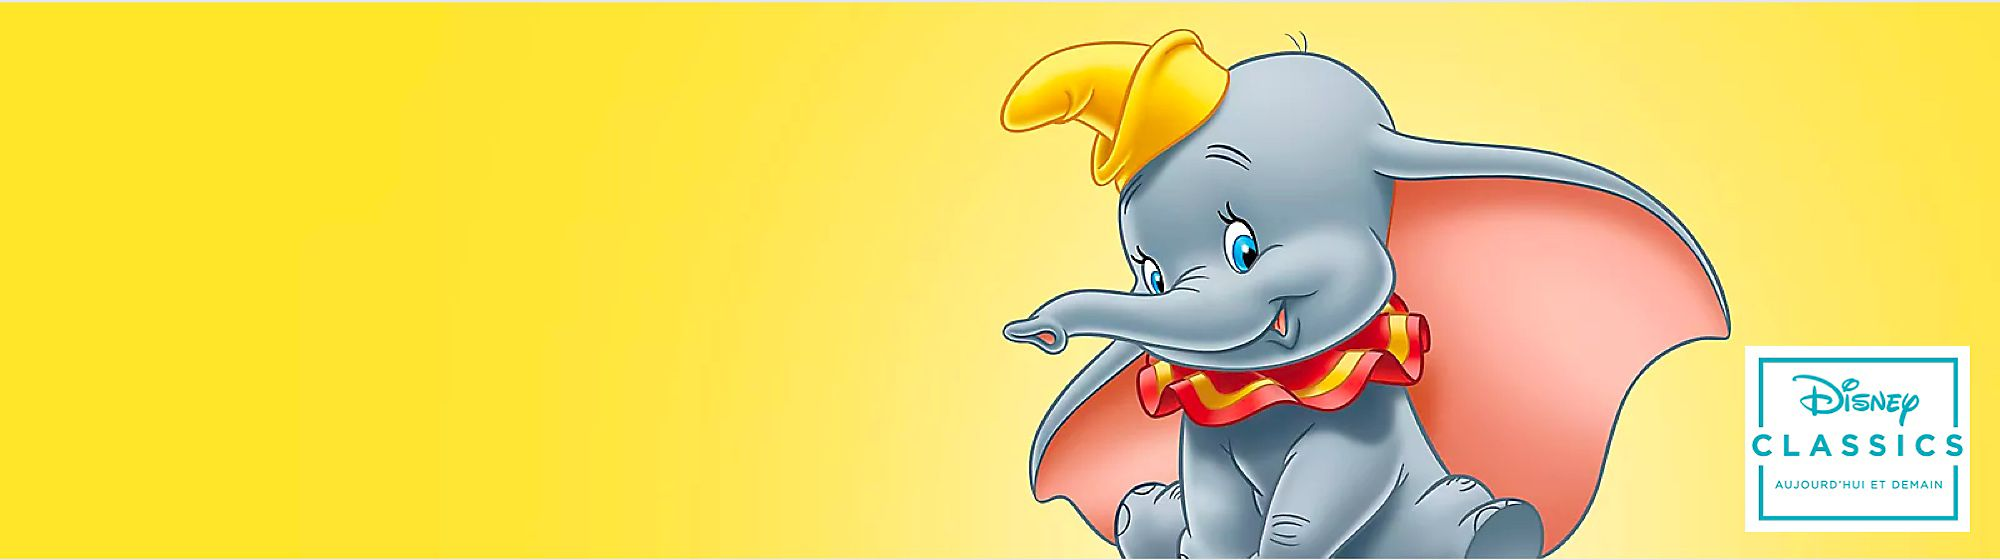 Dumbo Dumbo est le plus mignon des éléphanteaux ! Les bébés adorent les produits tout doux à son effigie : peluches, hochets, peignoirs…